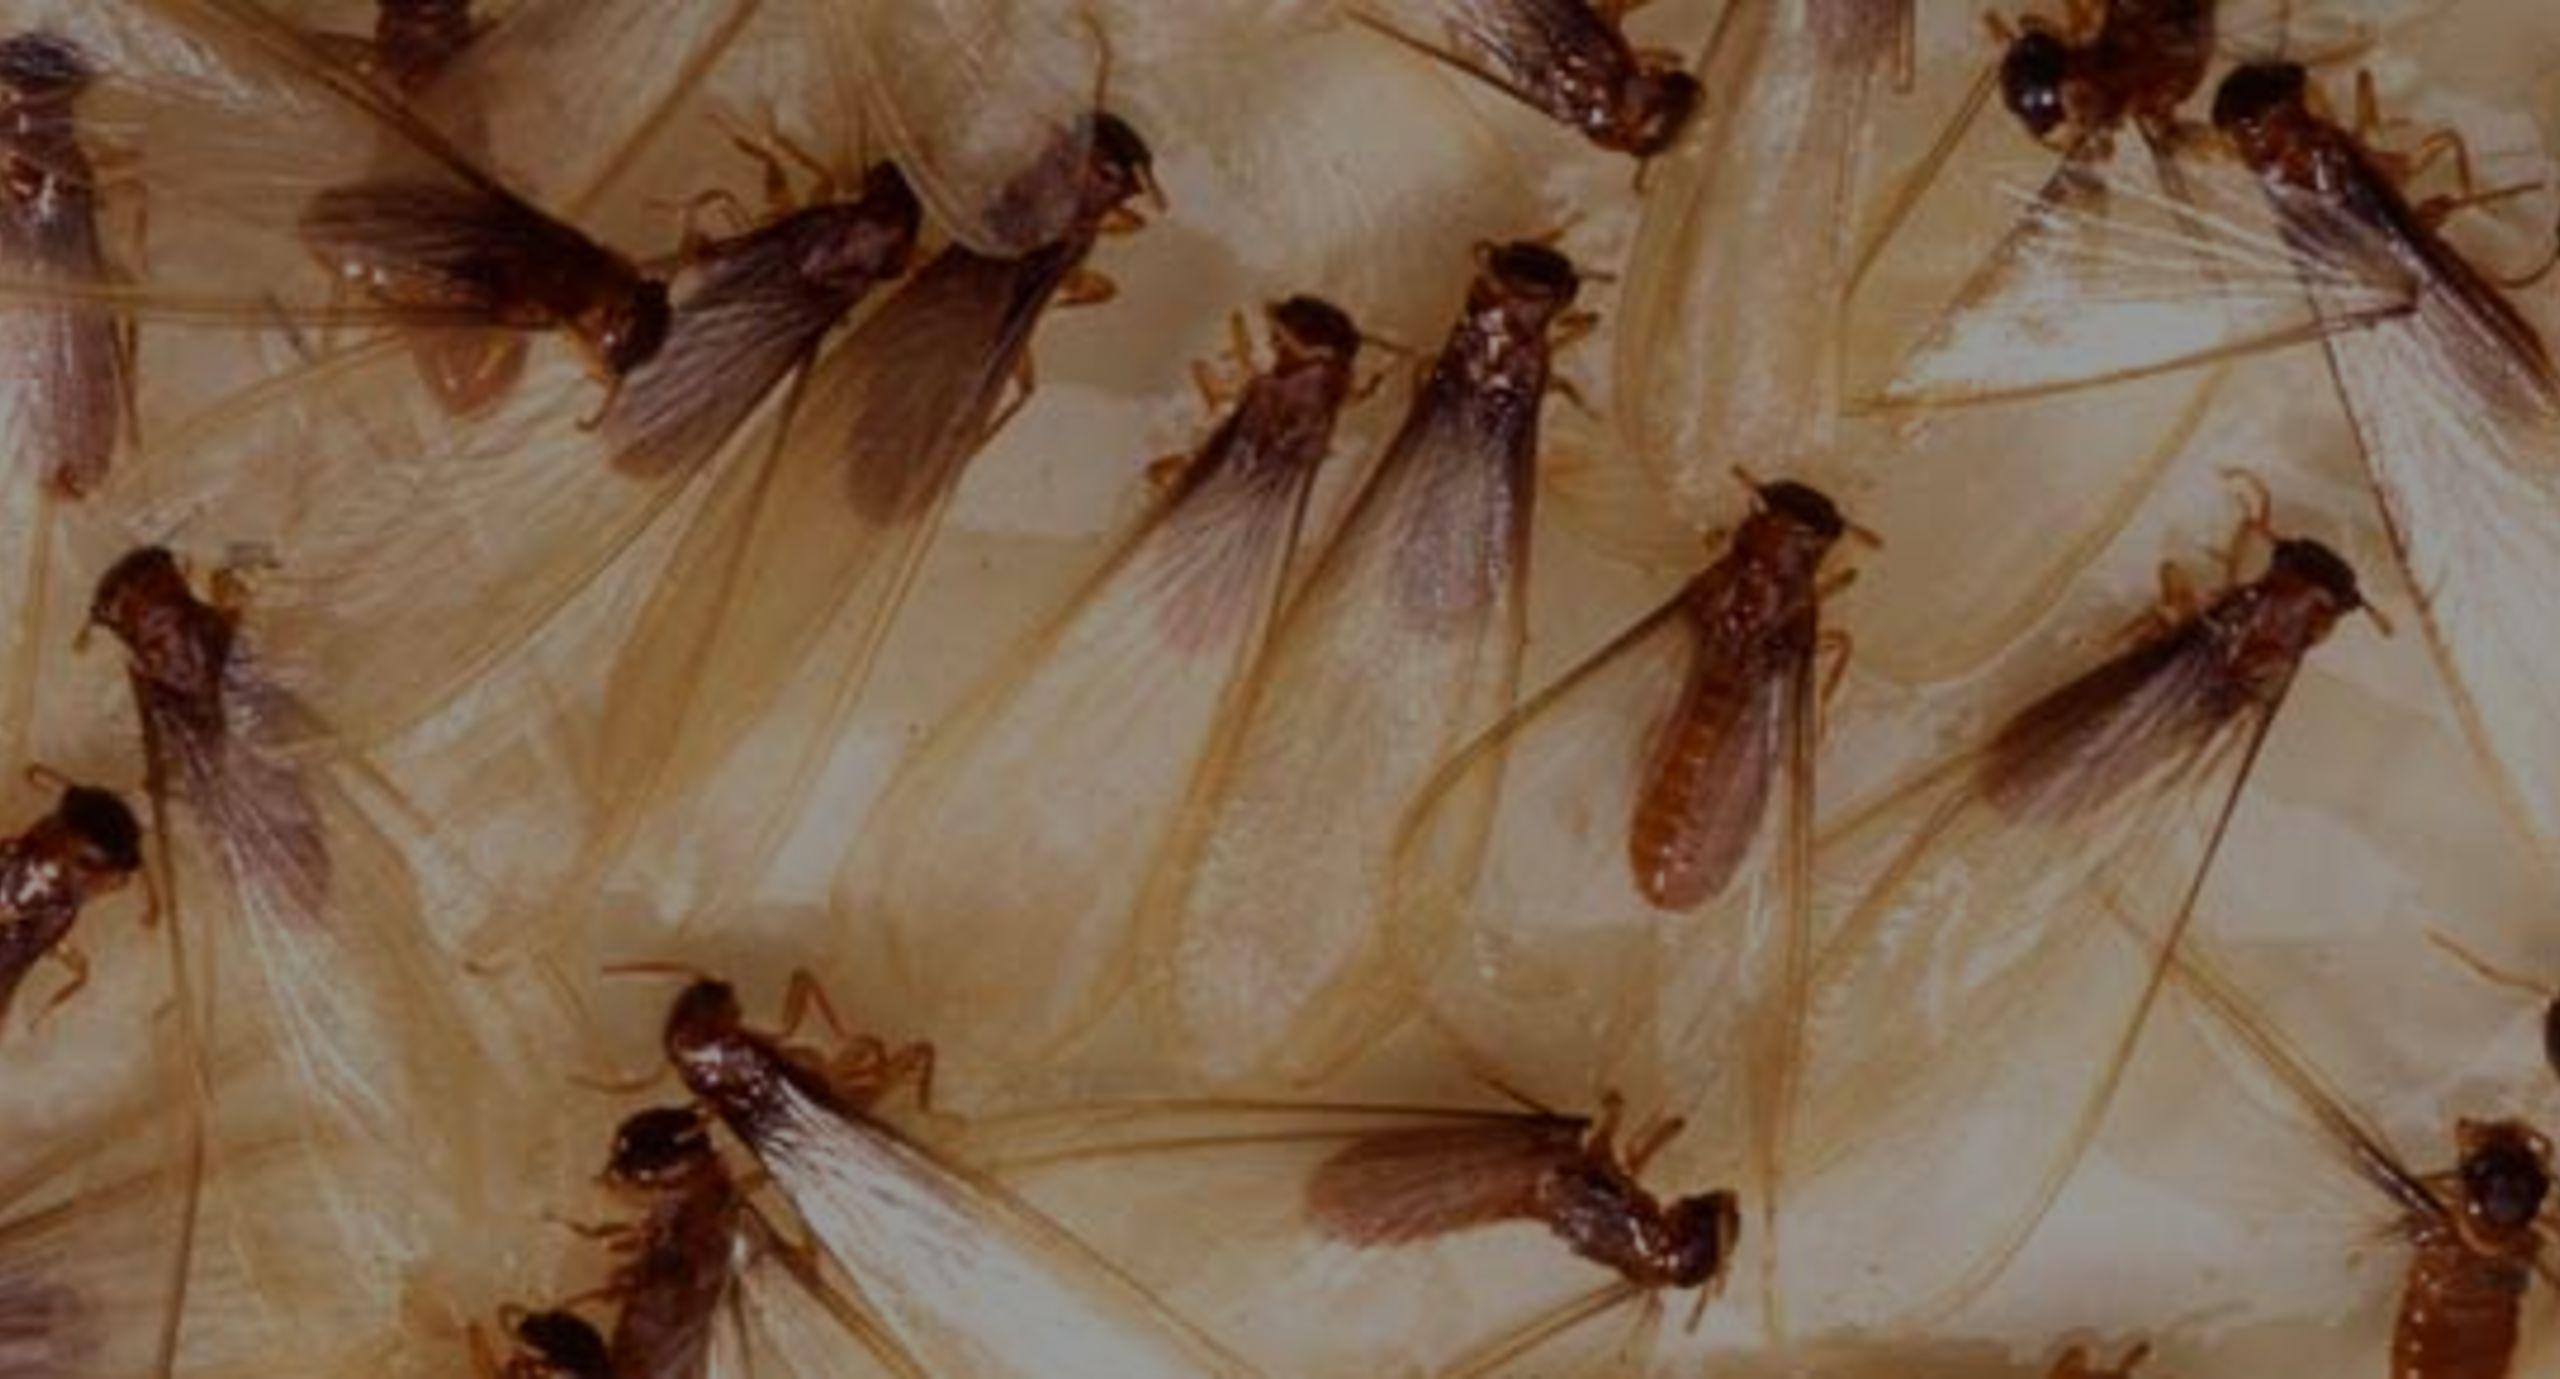 Termites Swarm into Kansas City